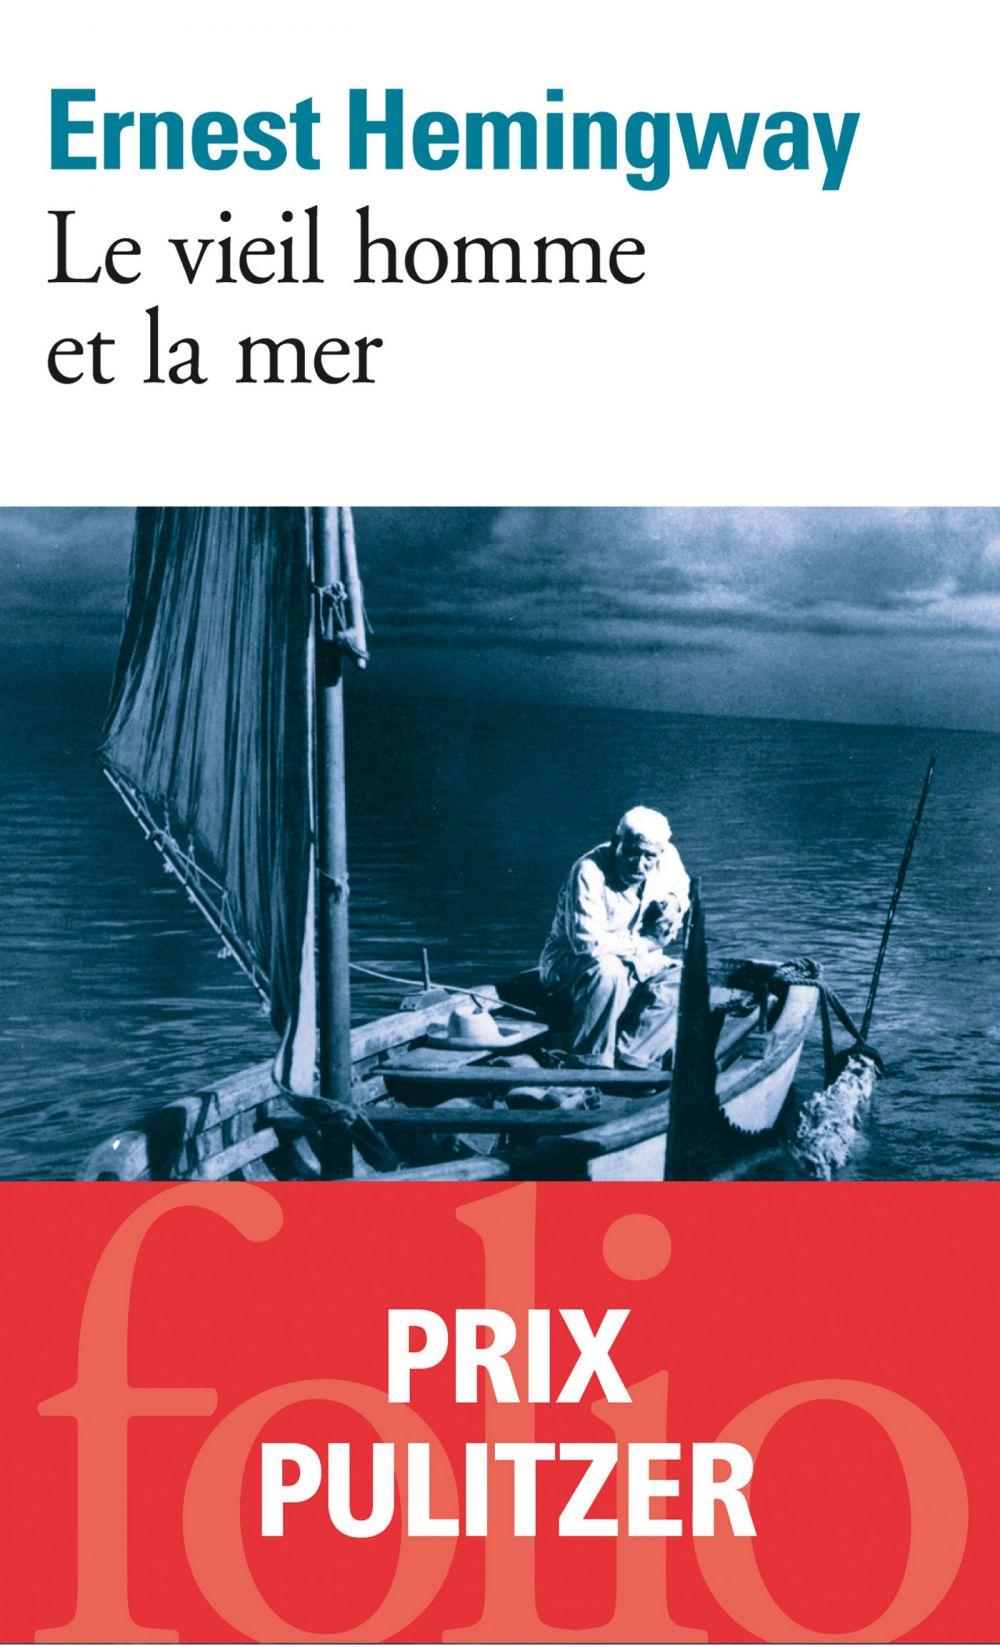 Le vieil homme et la mer | Dutourd, Jean. Contributeur